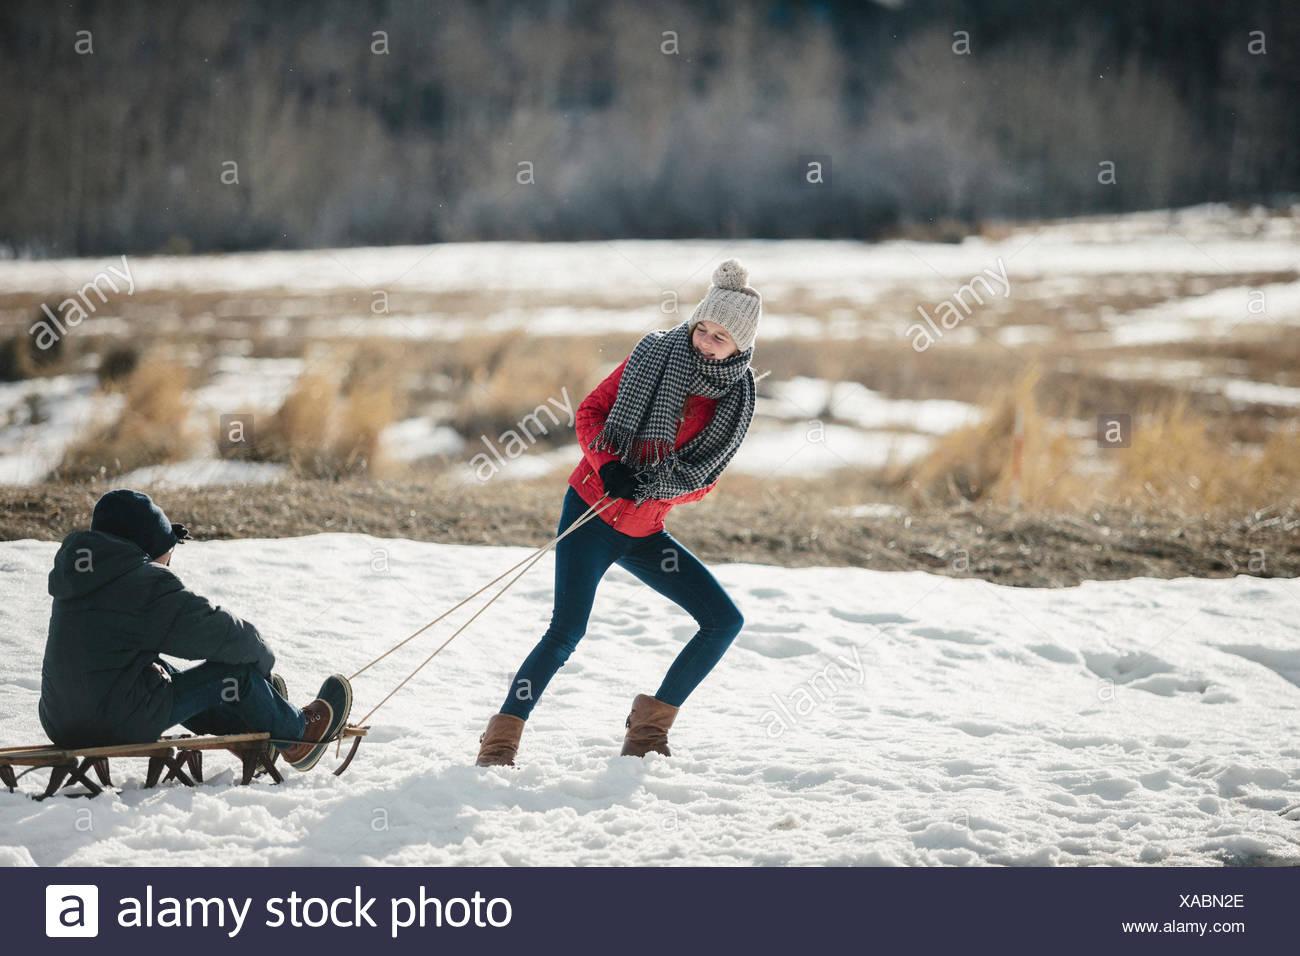 Frère et soeur dans la neige, l'un tirant l'autre sur un traîneau. Photo Stock